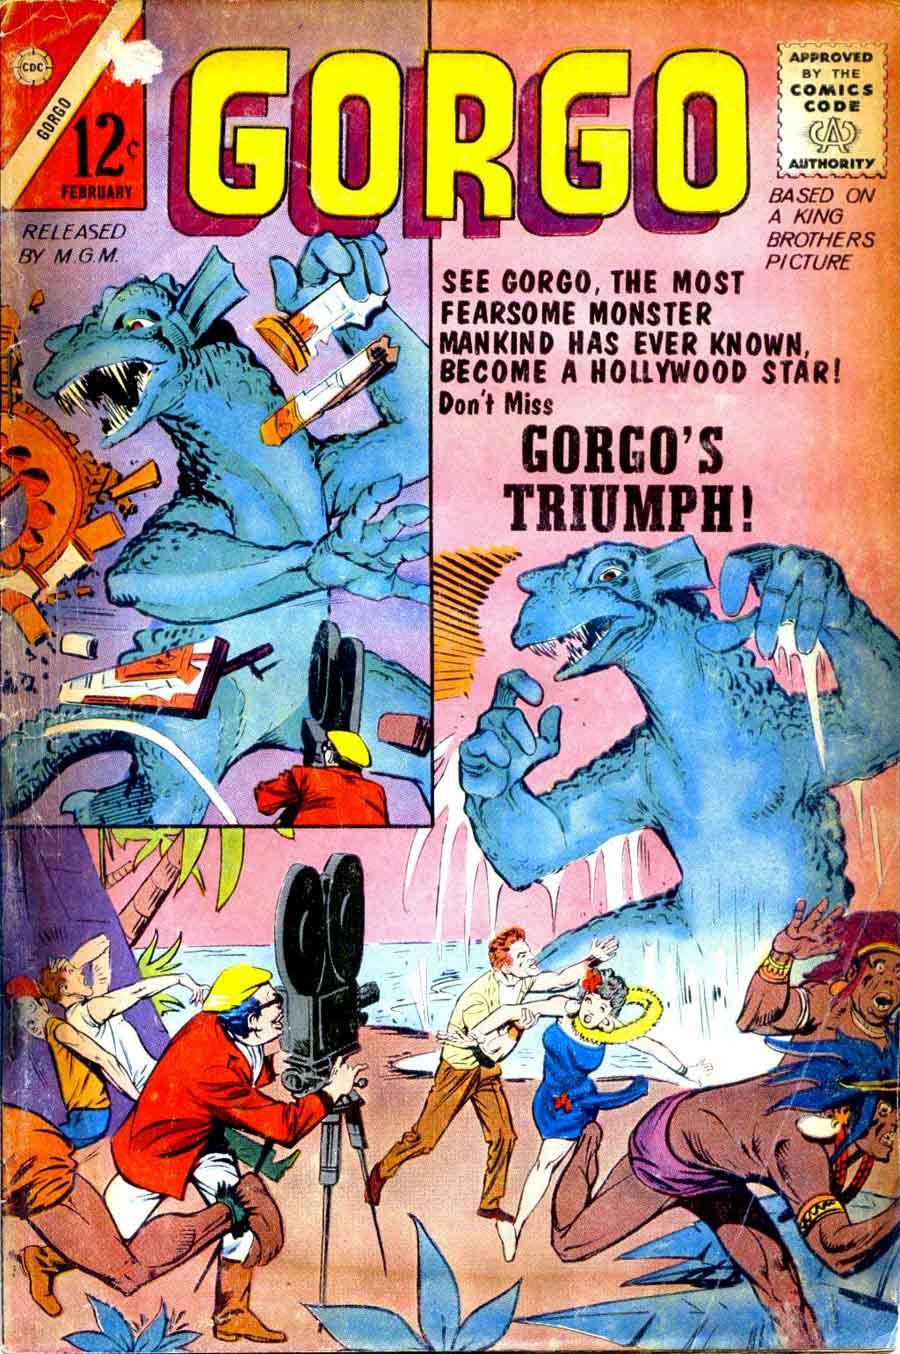 Gorgo v1 #11 charlton monster comic book cover art by Steve Ditko